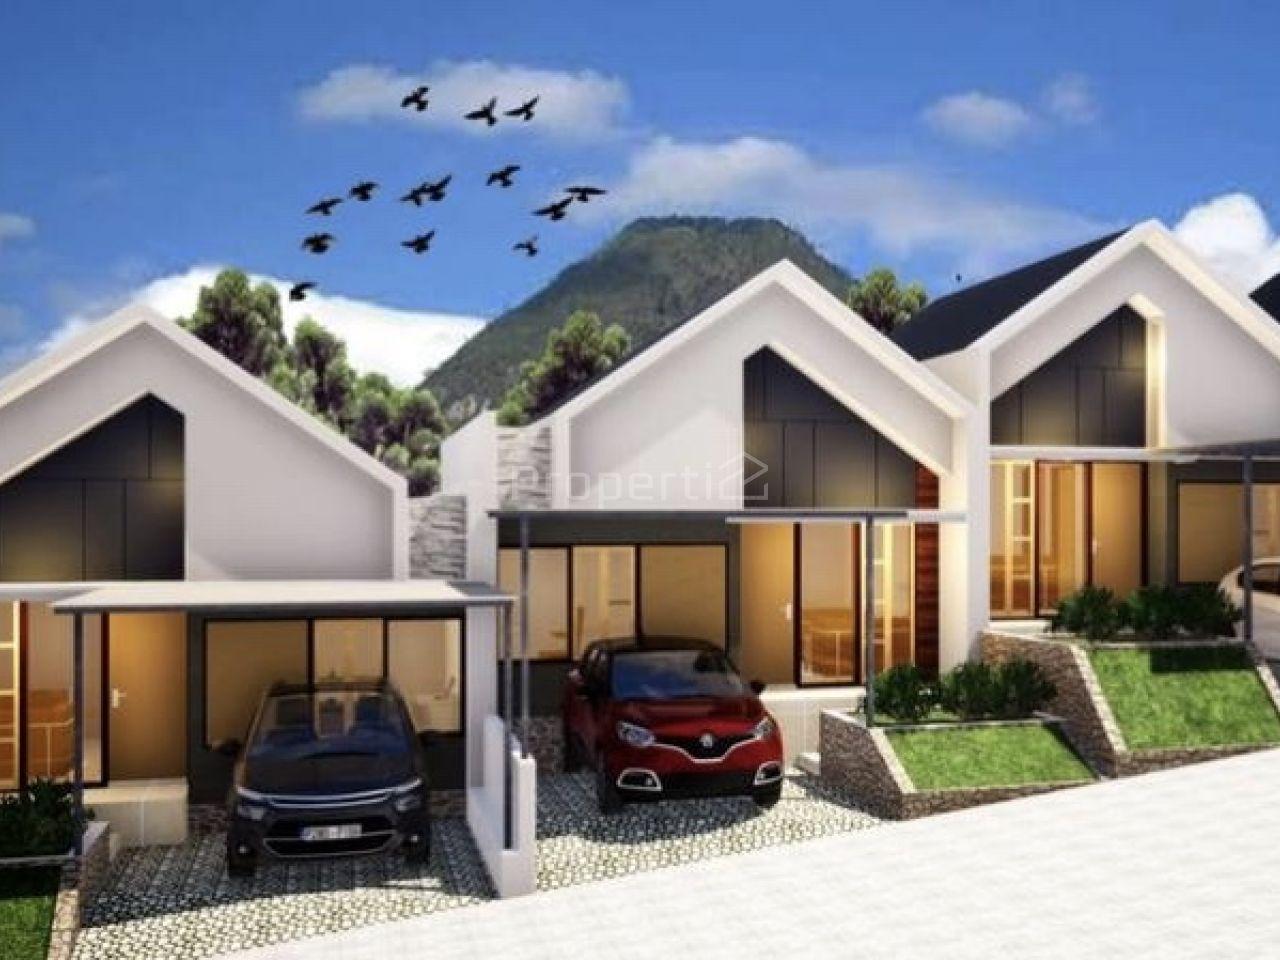 Rumah Skypark Resort Kota Batu, Jawa Timur